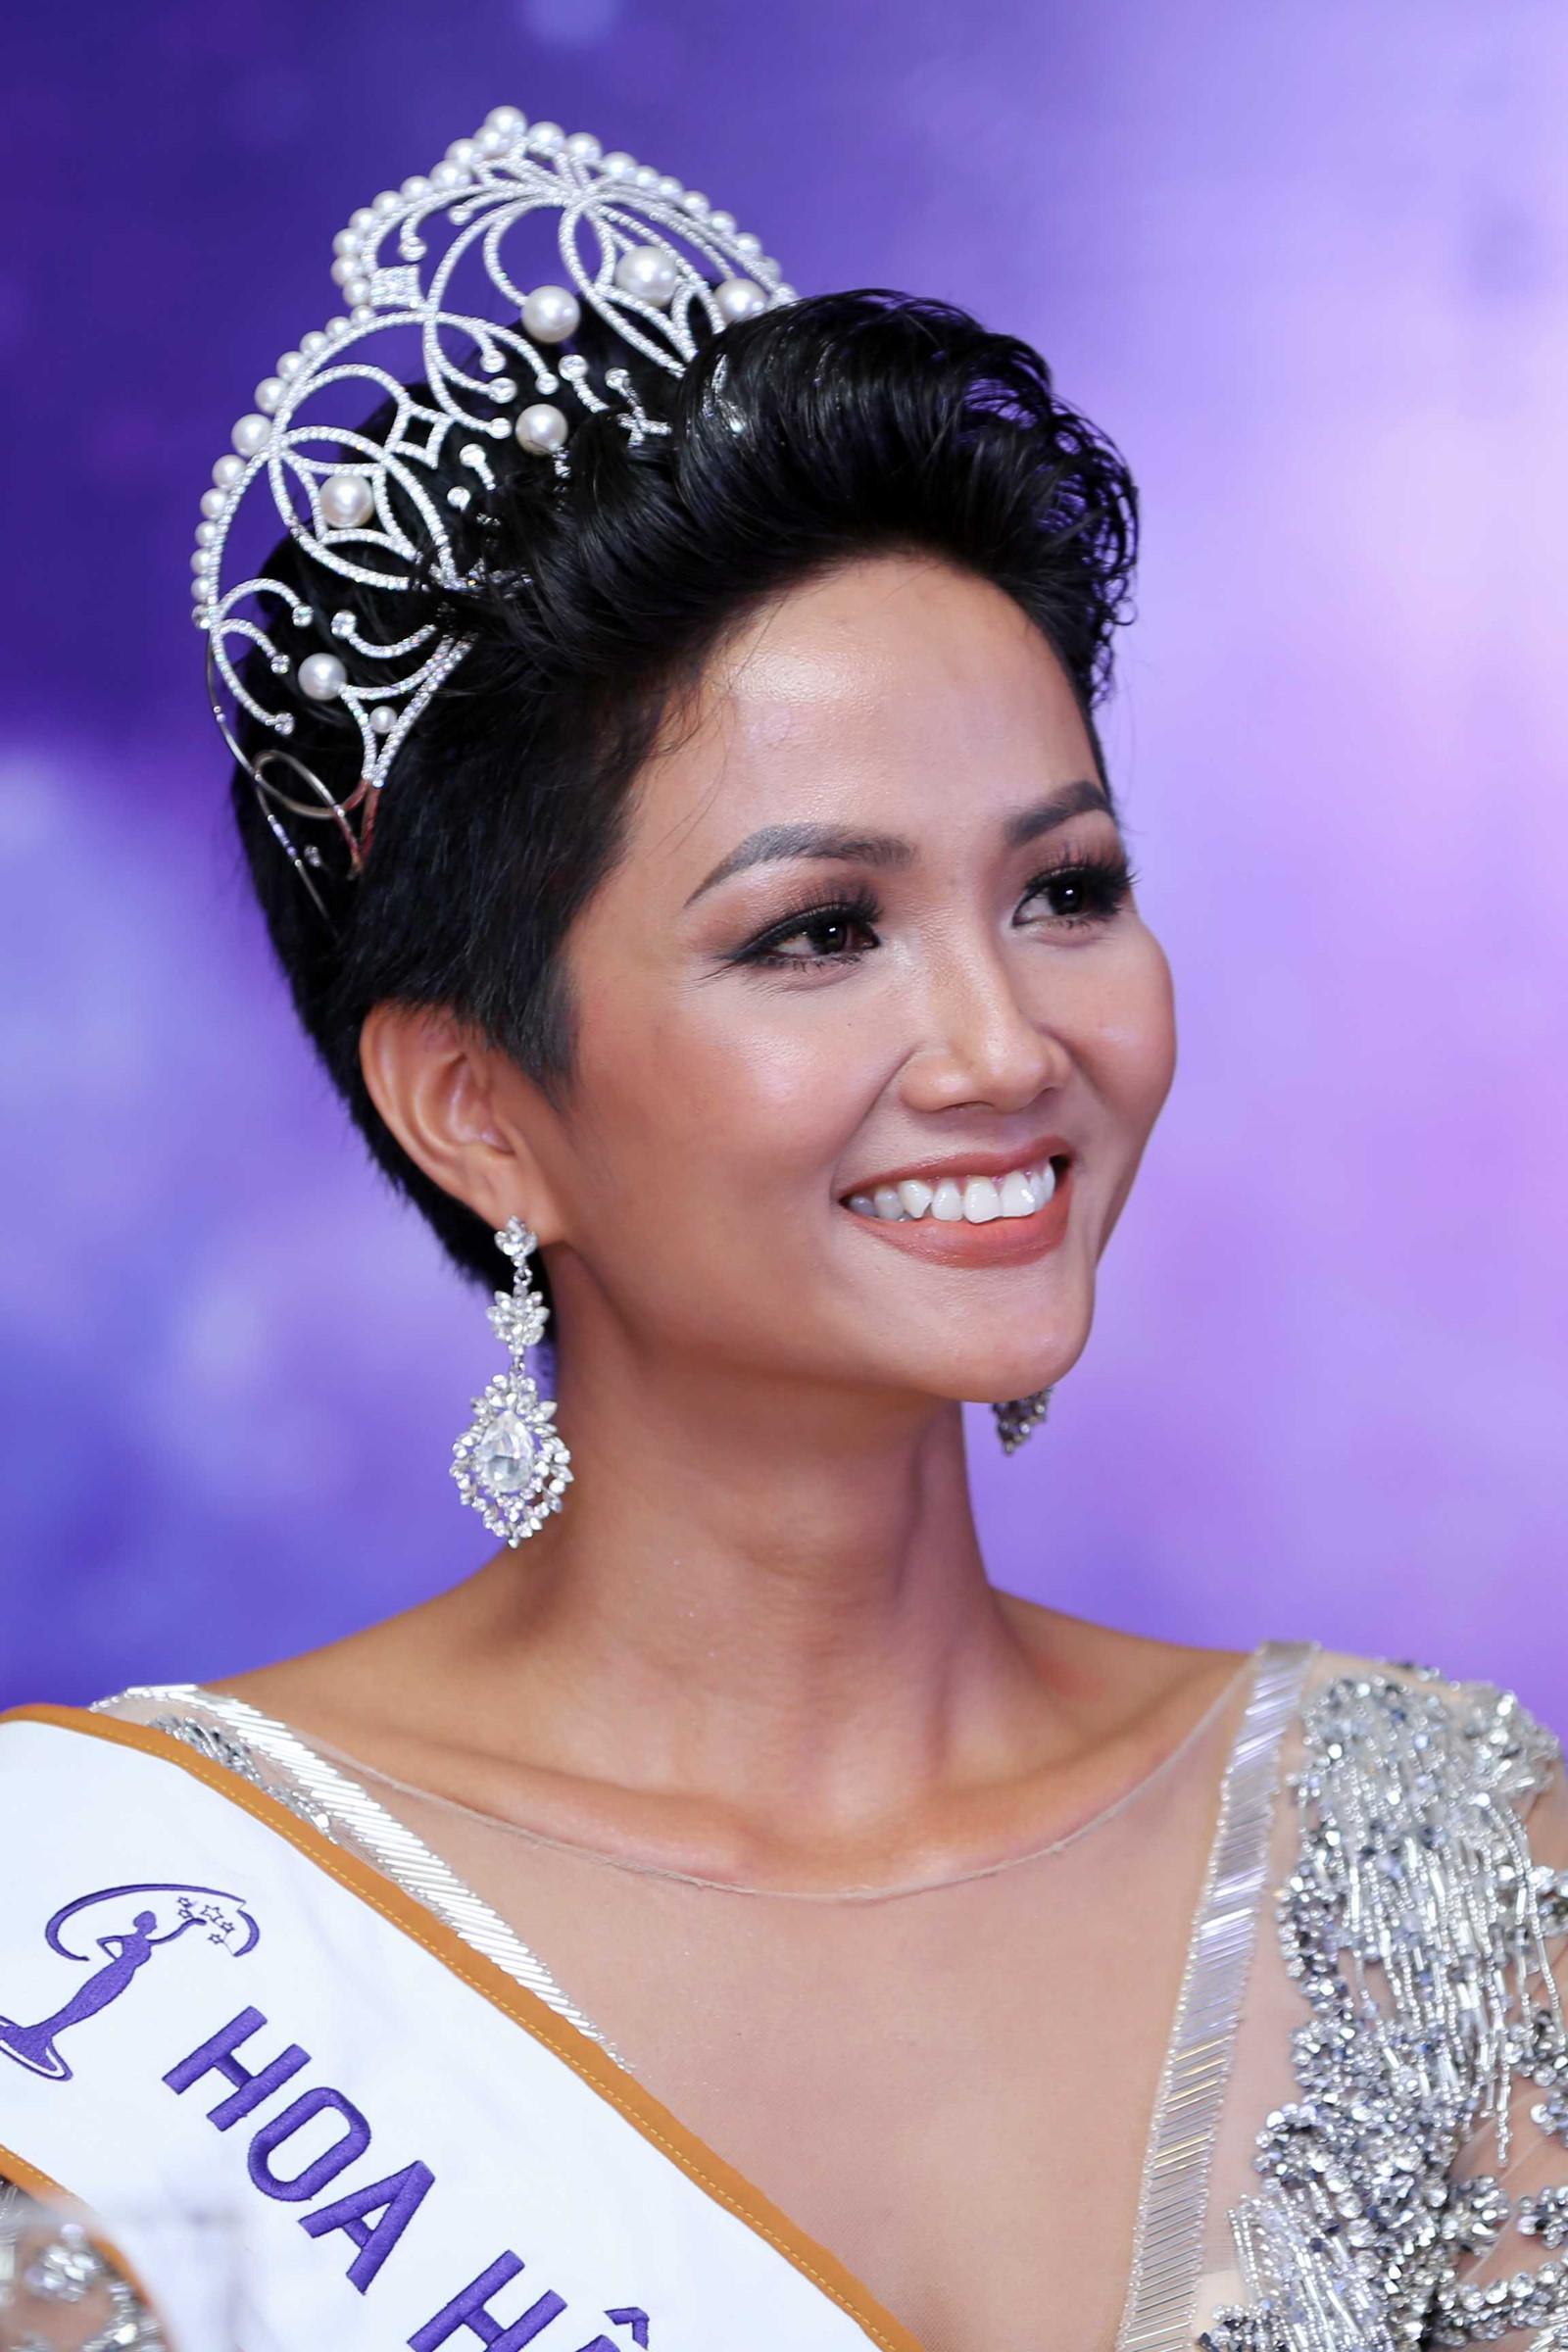 Sở hữu vẻ đẹp quốc tế, HHen Niê có thay đổi được vị thế nhan sắc Việt tại Hoa hậu Hoàn vũ Thế giới 2018?-8